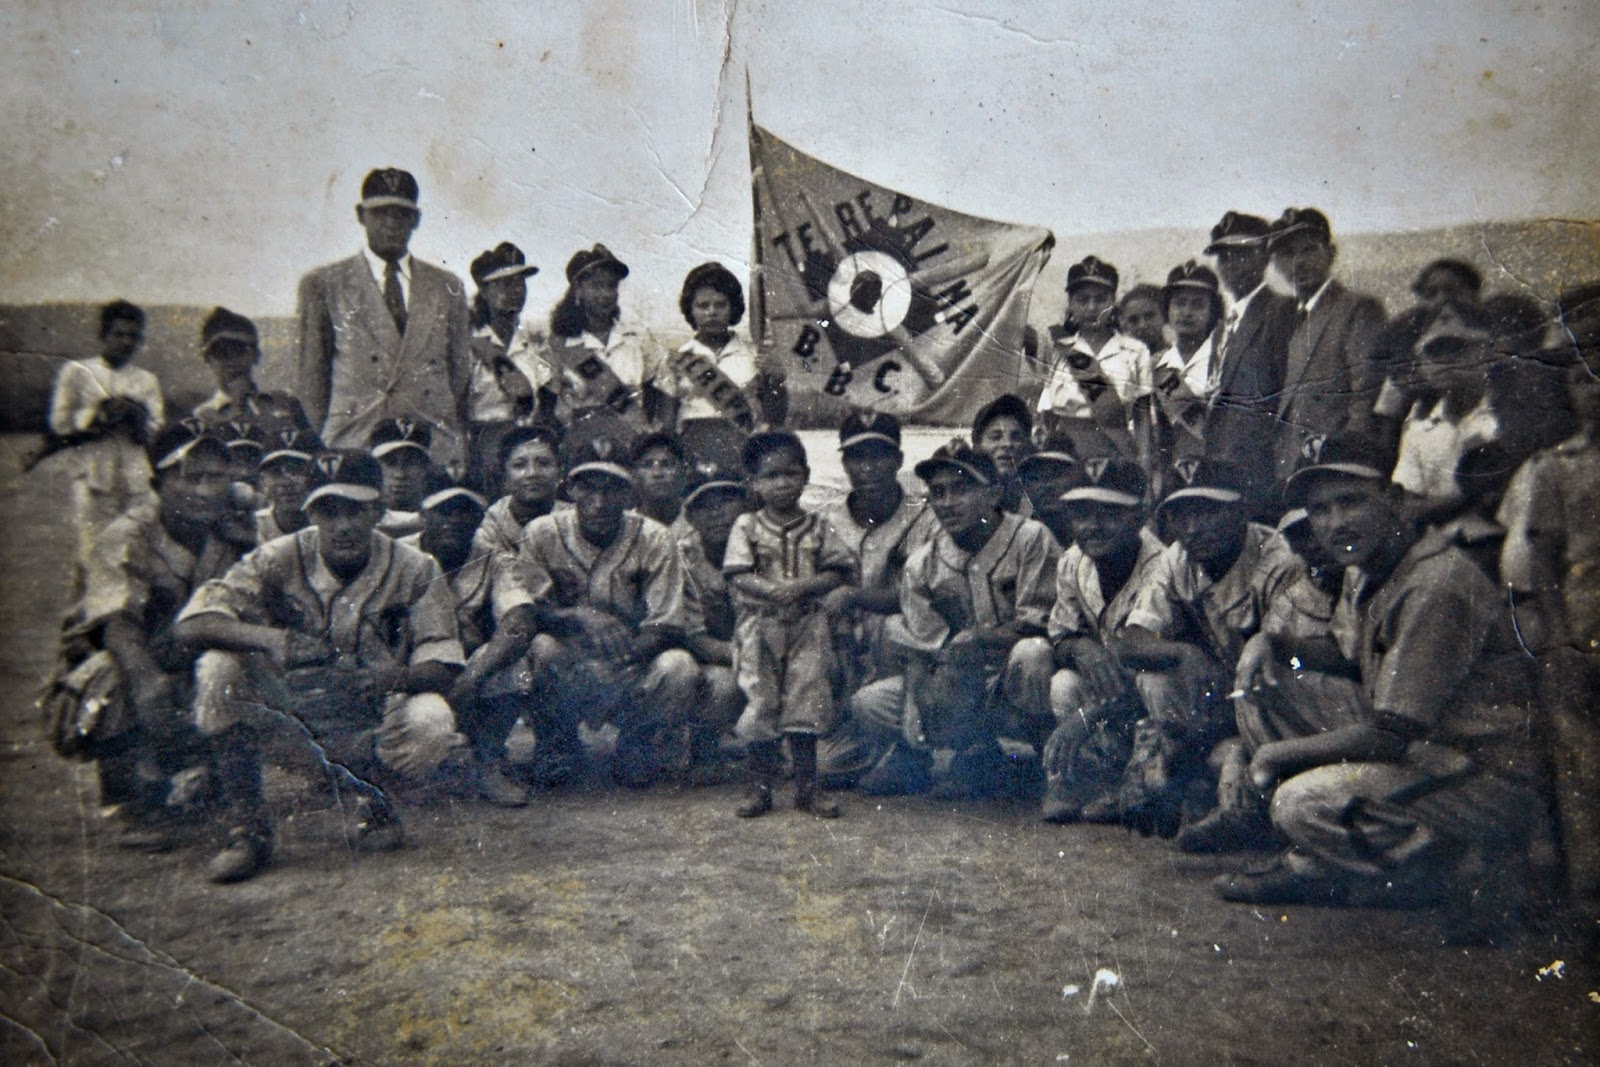 El Terepaima es la historia del beisbol en Cabudare